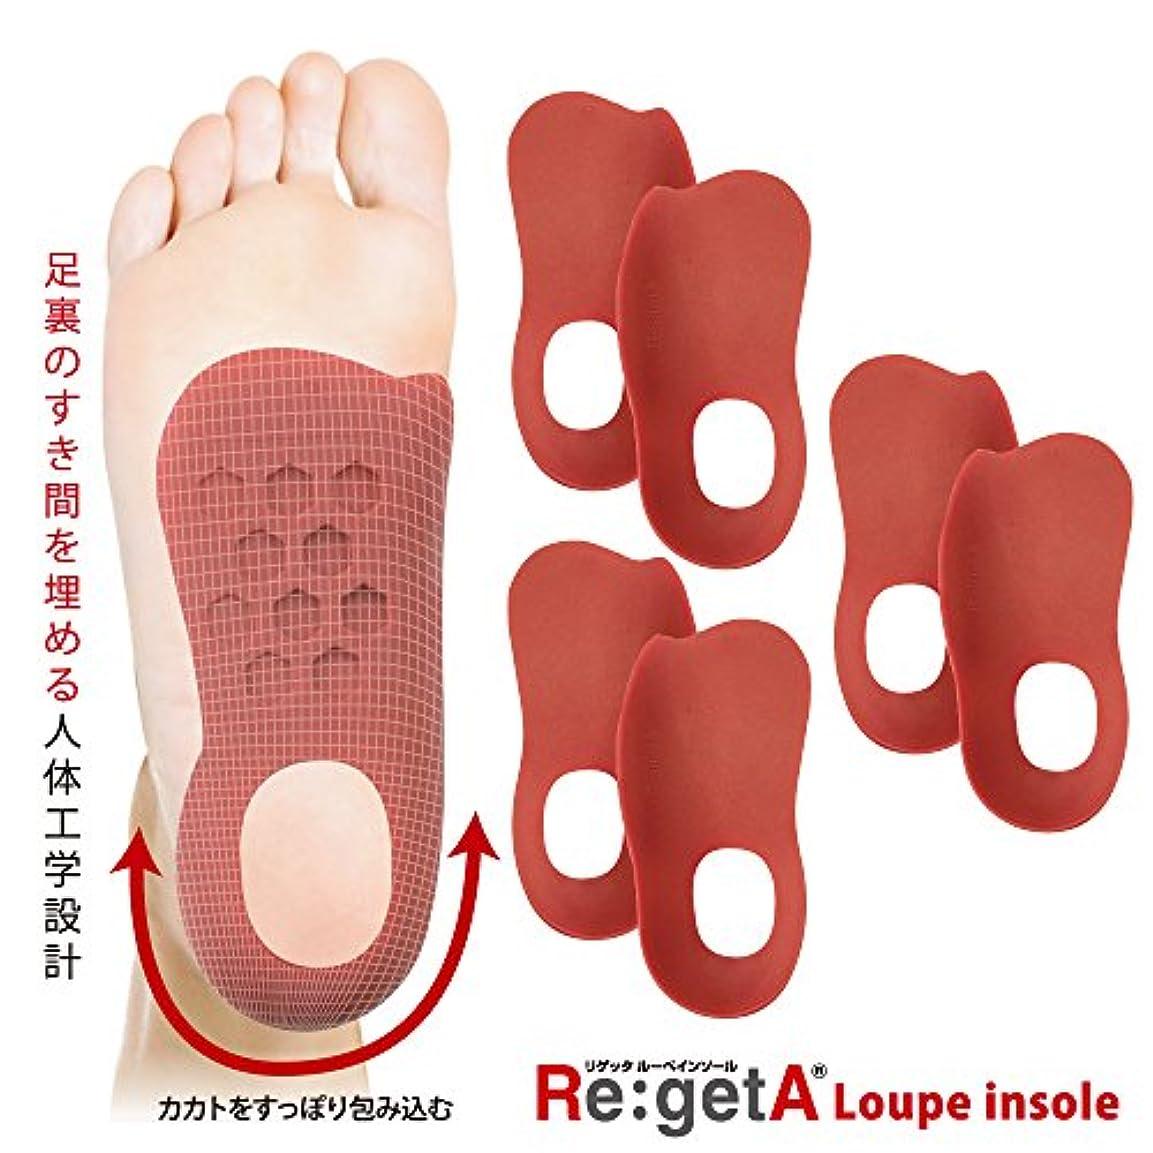 刺激するウナギ長方形リゲッタ(Re:getA) ルーペインソール ロッソ 3足組 レディスサイズ 21.5-25.0cm対応